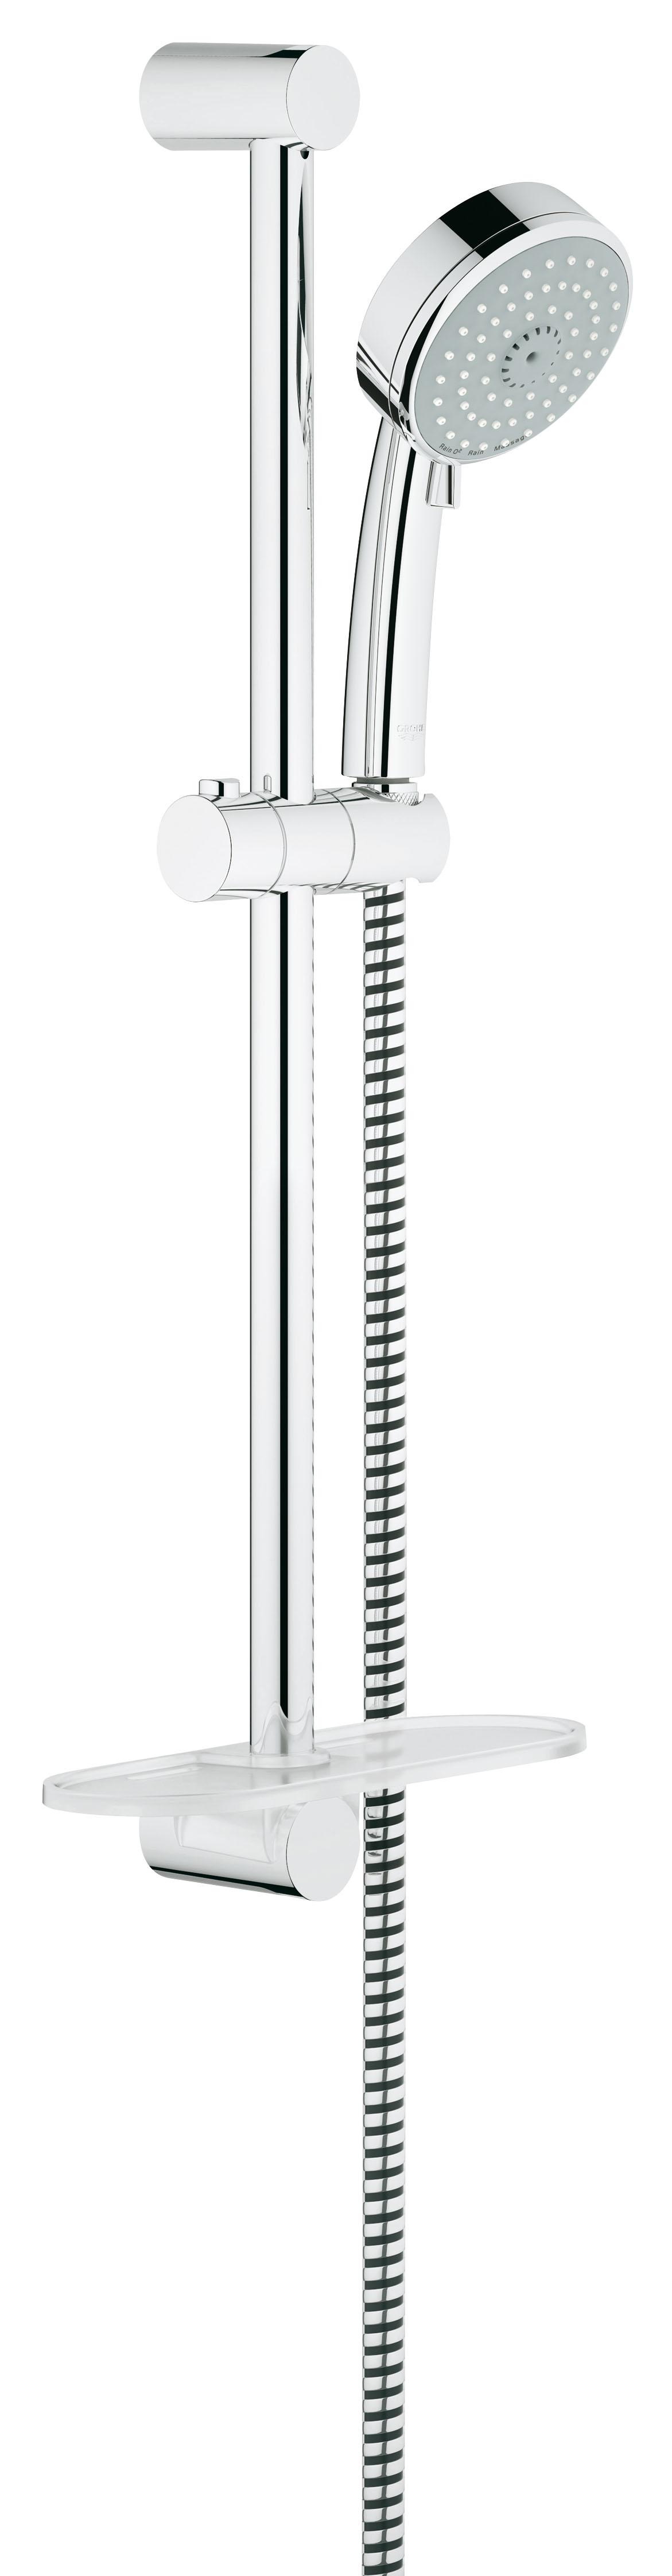 Душевой гарнитур Grohe Tempesta Cosmopolitan 100, 3 режима. (27929001)27929001Состоит из Ручной душ (27 572 001) Душевая штанга, 600 мм (27 521 000) Душевой шланг Relexaflex 1750 мм 1/2? x 1/2? (28 154 000) Полочка GROHE EasyReach™(27 596 000) GROHE DreamSpray превосходный поток воды GROHE StarLight хромированная поверхностьС системой SpeedClean против известковых отложений Внутренний охлаждающий канал для продолжительного срока службы Может использоваться с проточным водонагревателем Минимальное давление 1,0 барВидео по установке является исключительно информационным. Установка должна проводиться профессионалами!